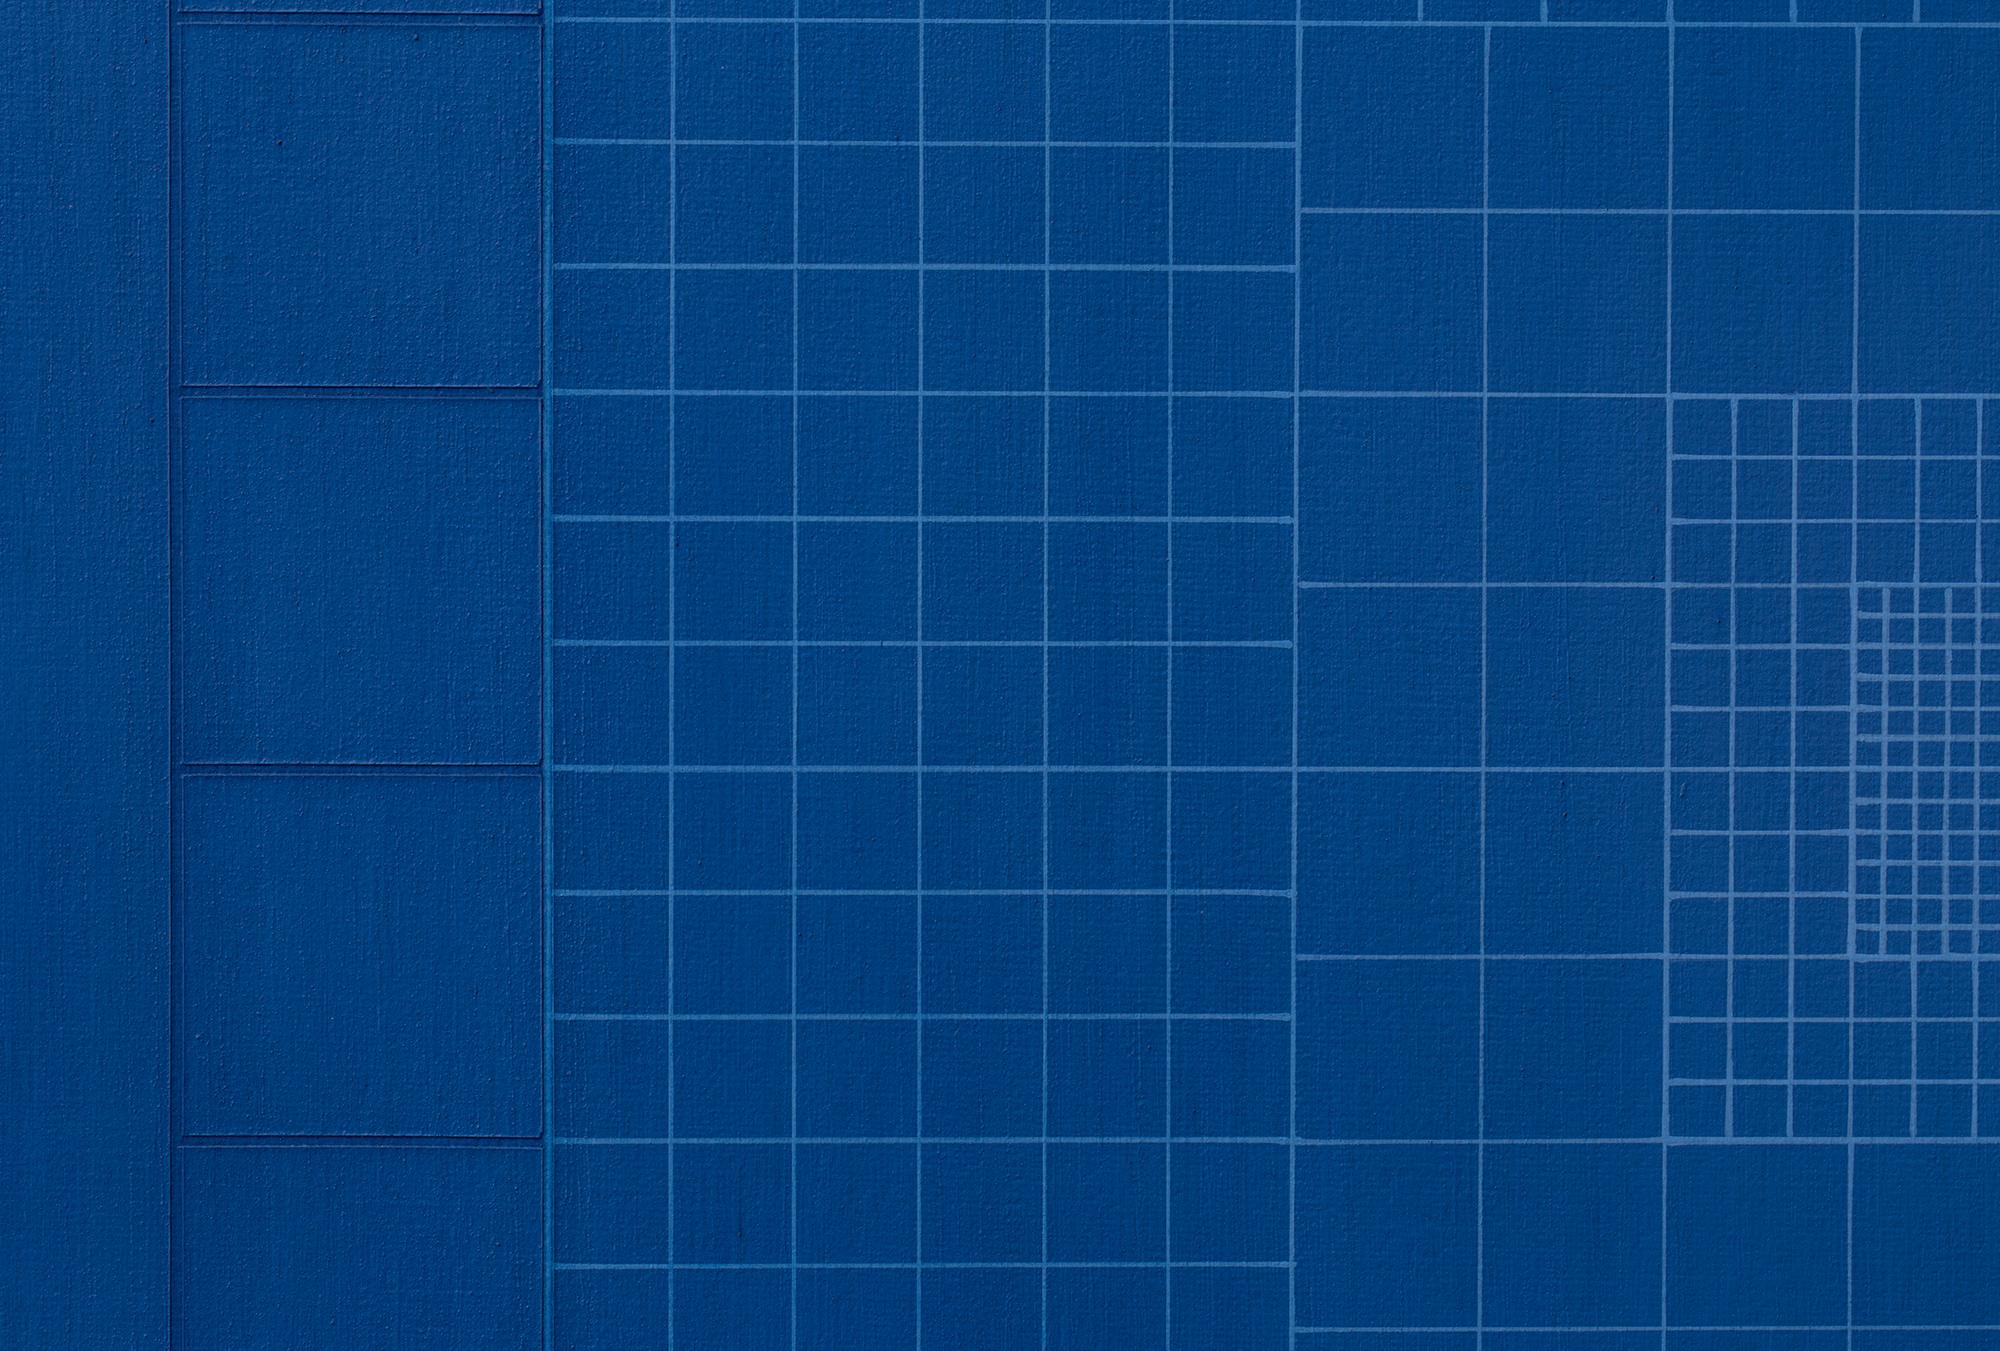 Silent-origo-metrum[20181012]_2018_acrylic-oil-on-canvas_29 1-2 x 23 5-8in.[75x60cm]-4_2000.jpg